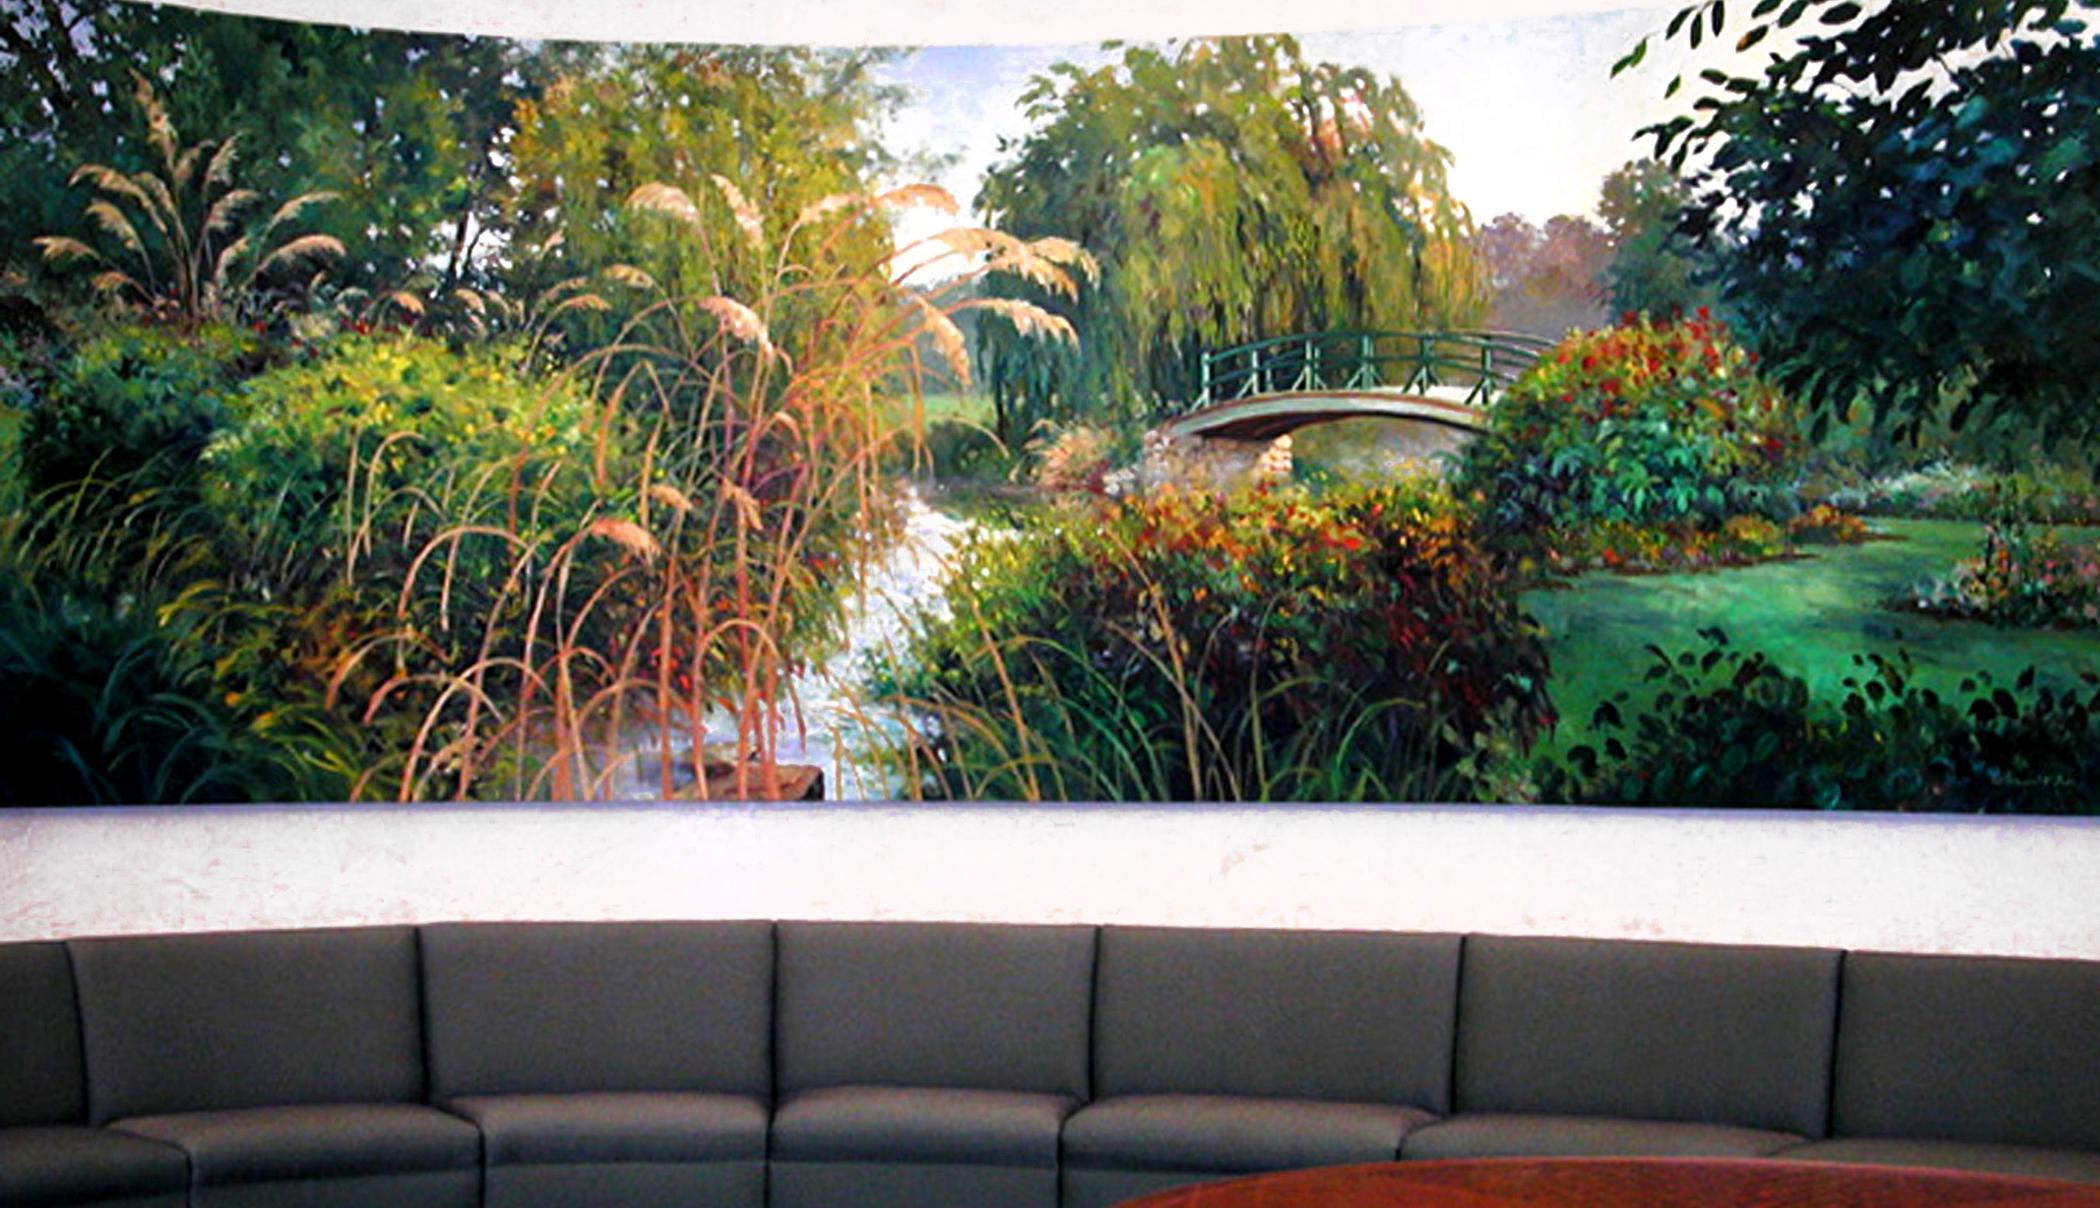 Cox-Enterprises-20-ft-Mural-side-1